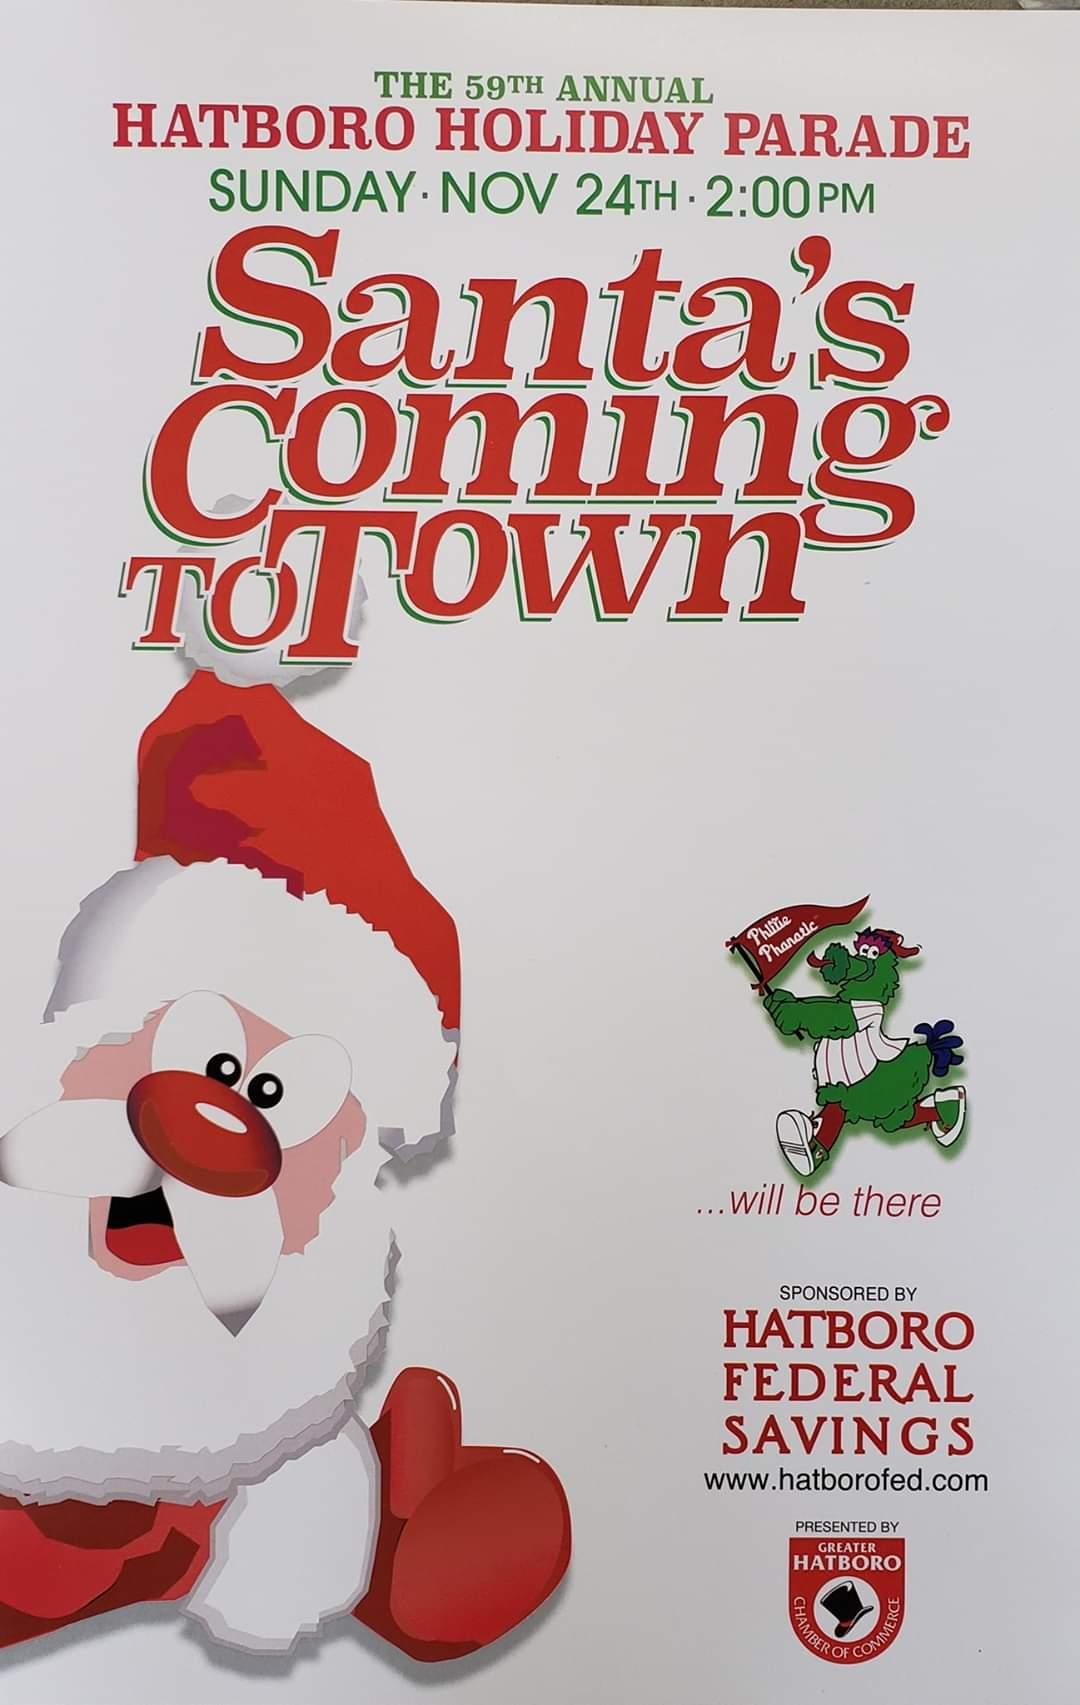 Hatboro Christmas Parade 2020 Hatboro Holiday Parade – Keeping Kids Connected